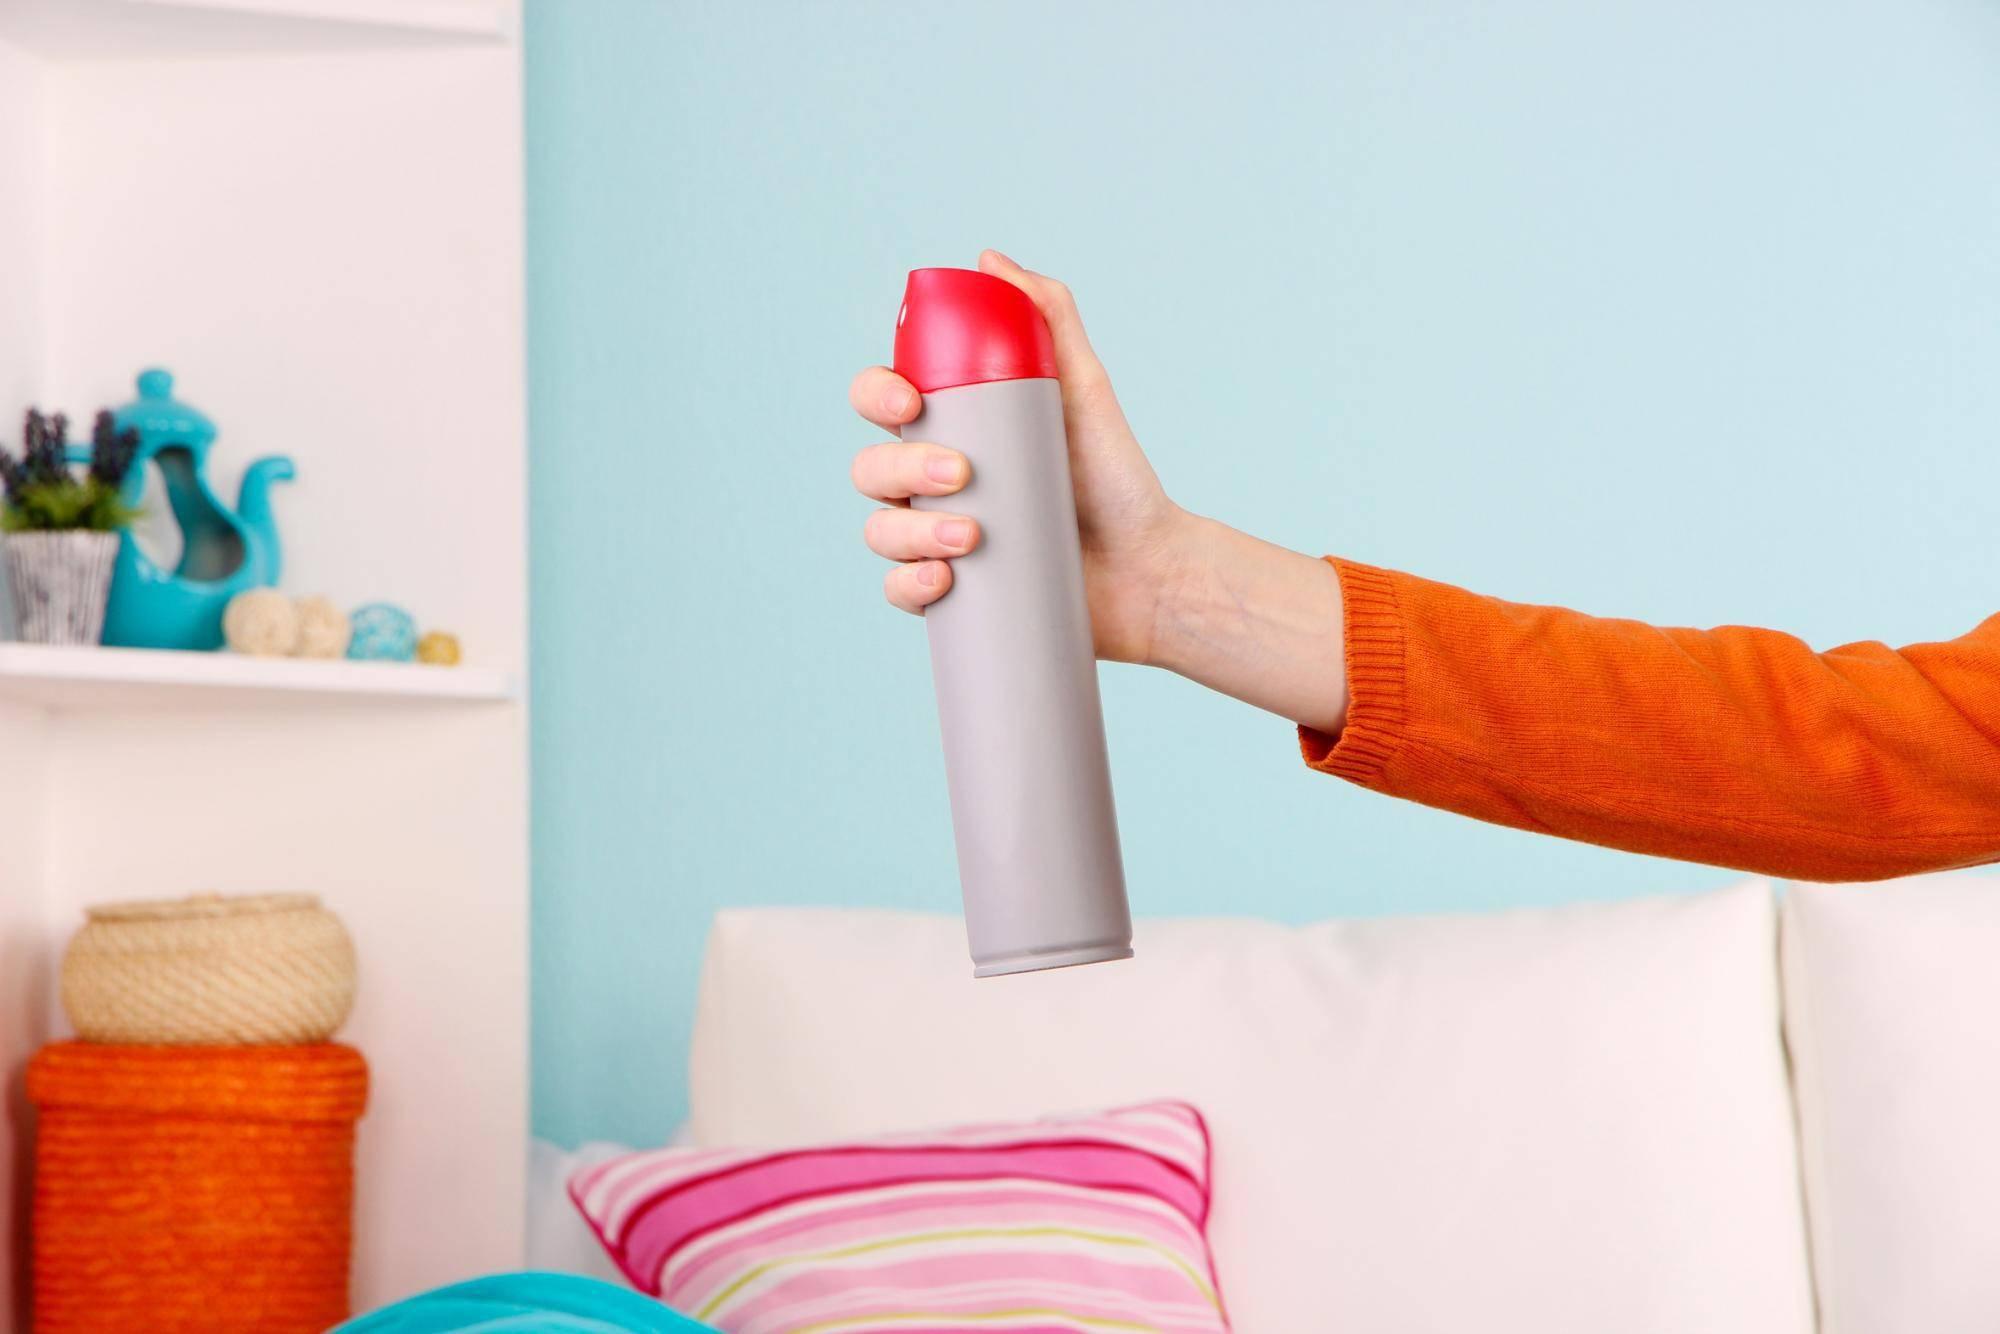 Что делать для удаления запаха гари?